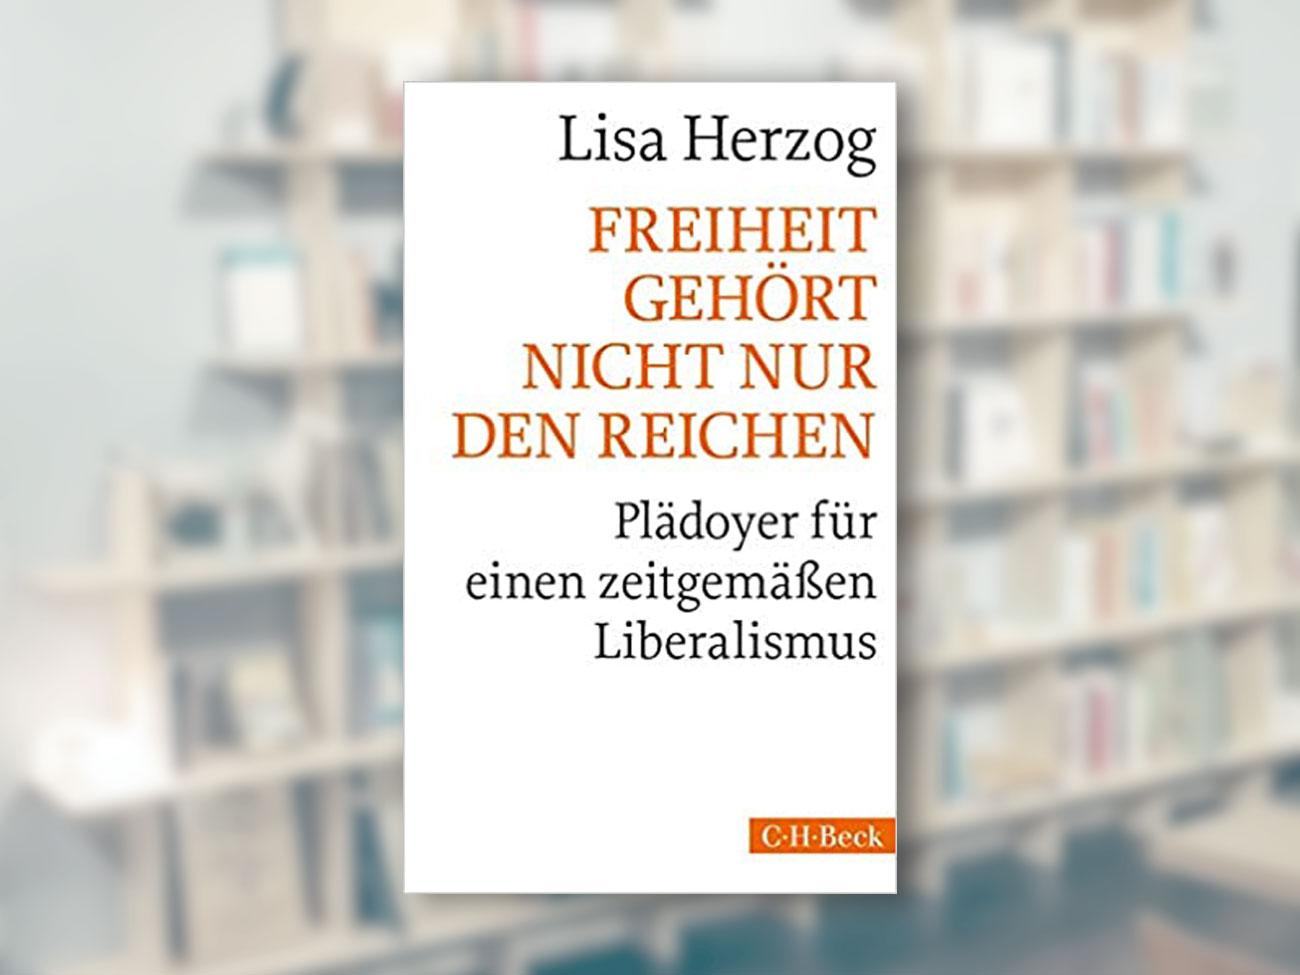 Freiheit gehört nicht nur den Reichen; Lisa Herzog